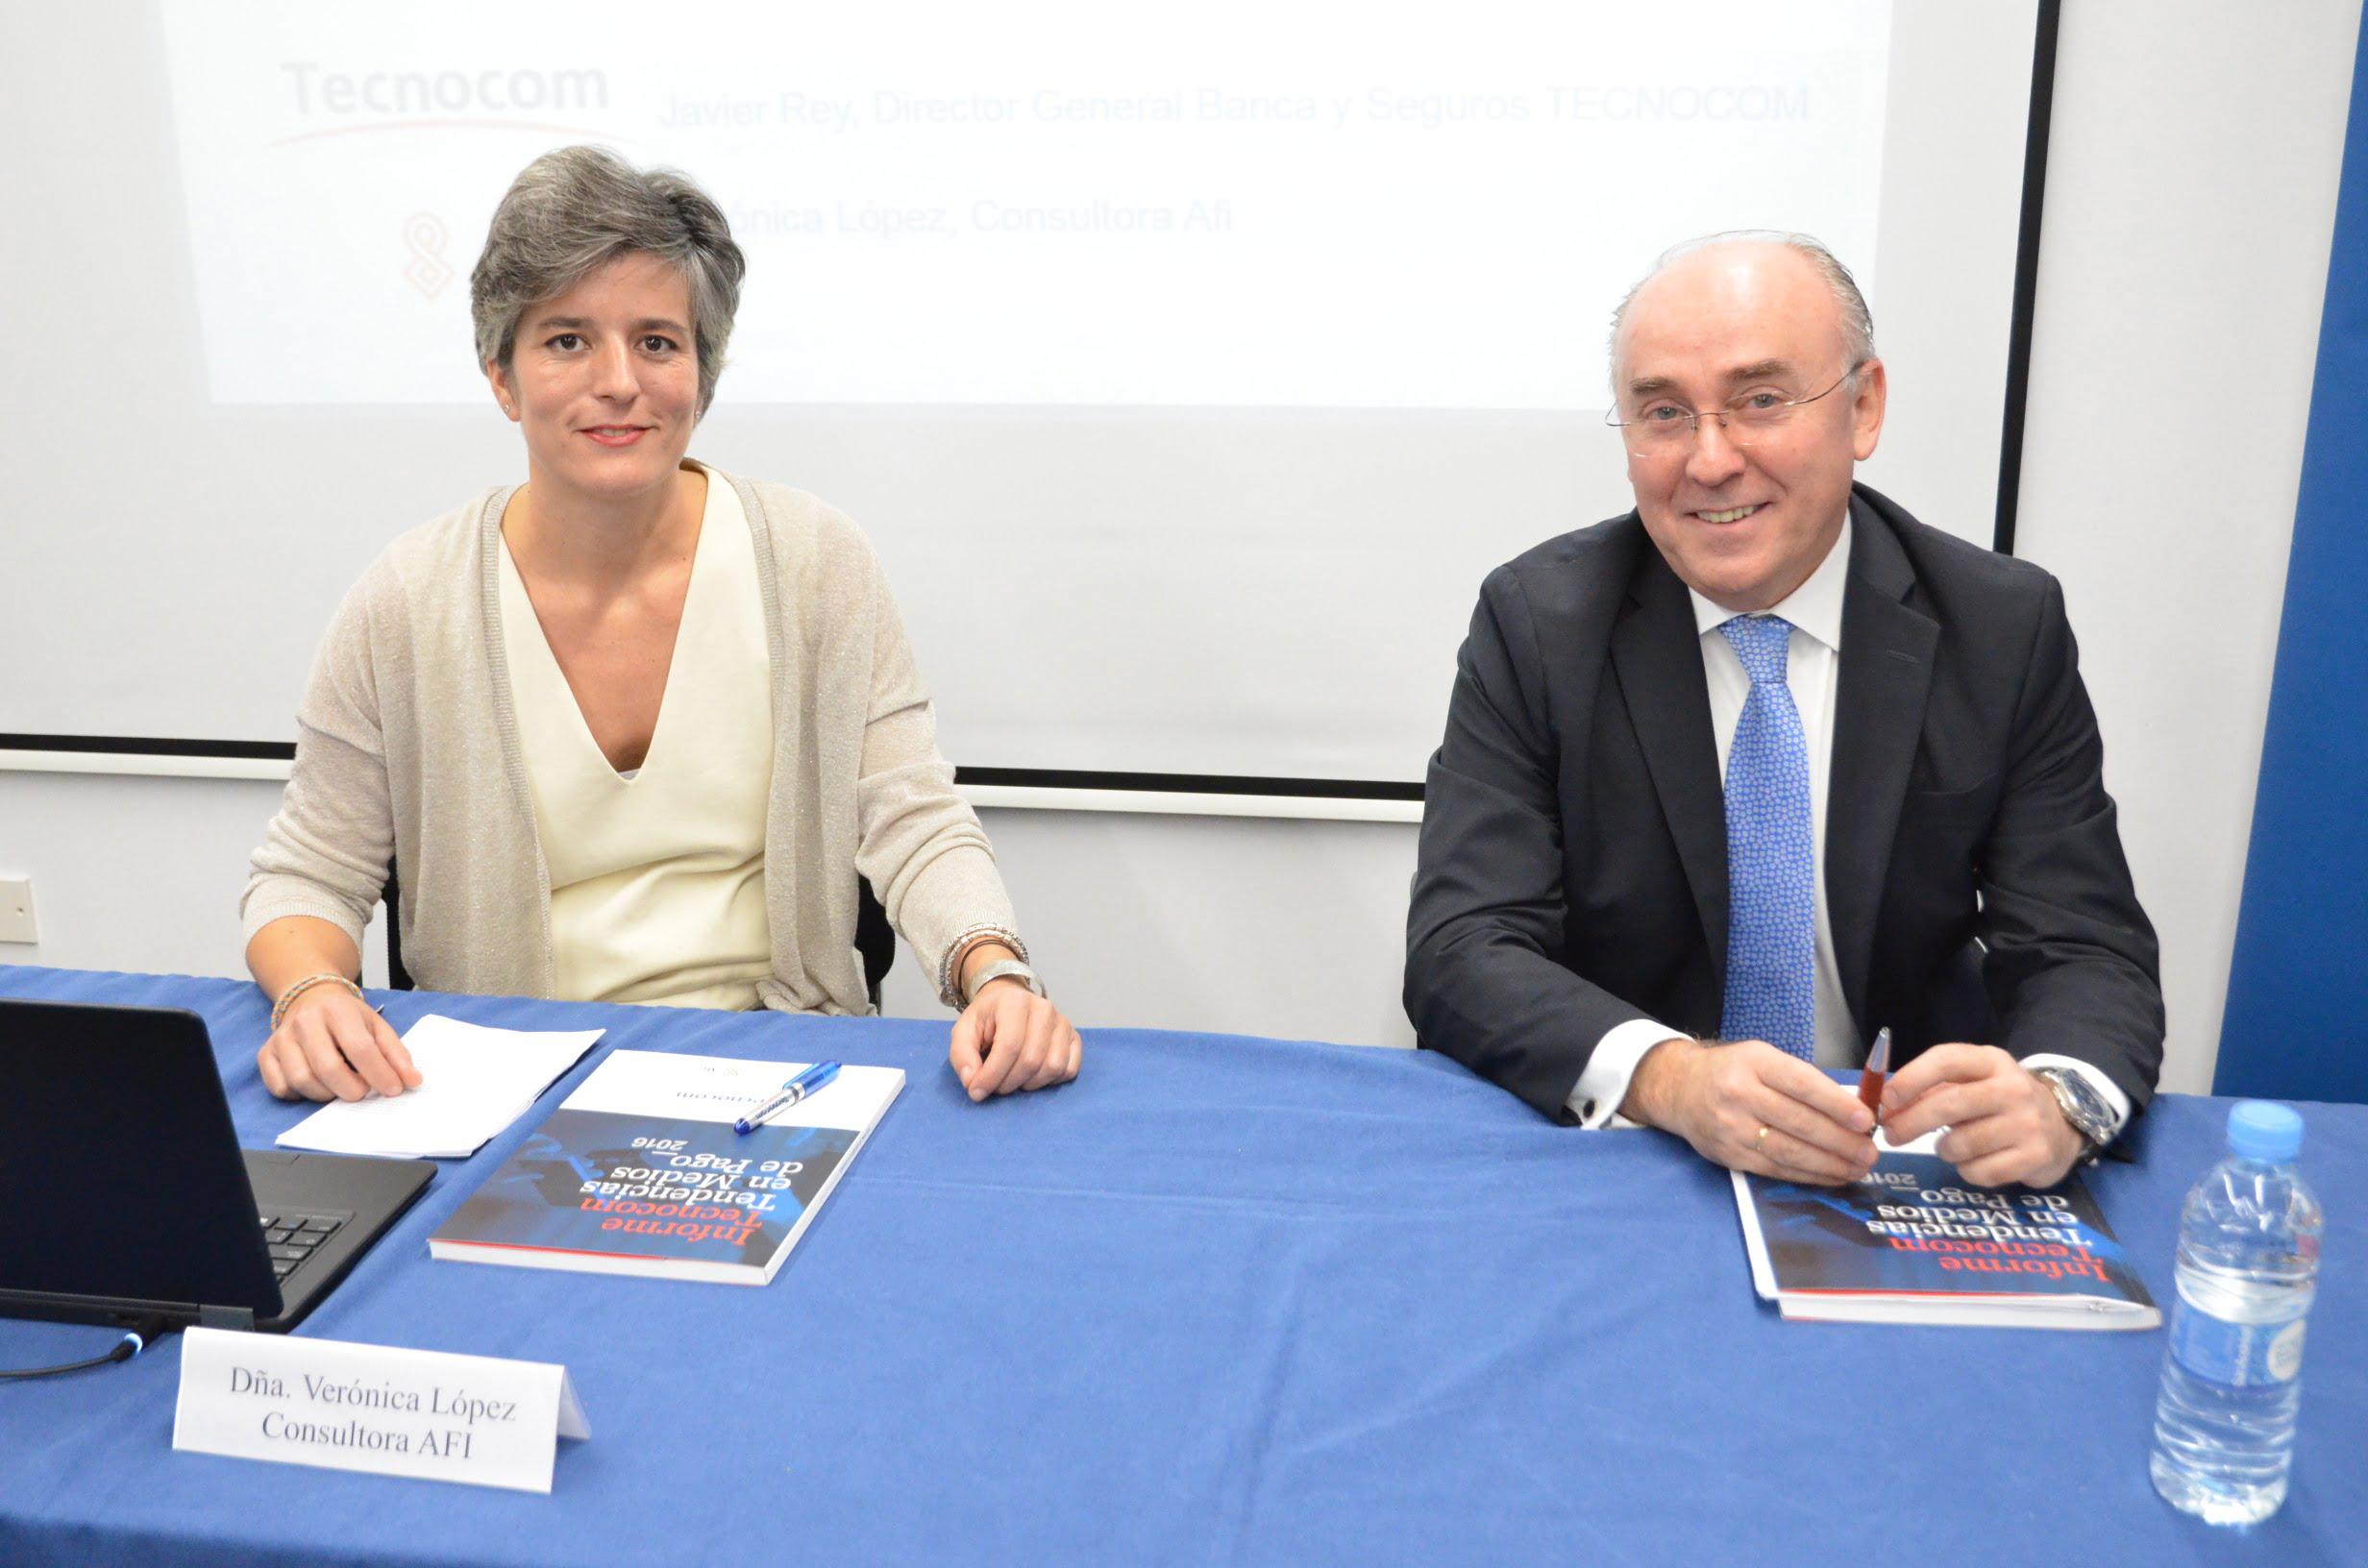 Verónica López (Consultora AFI) - Javier Rey (Director General Banca y Seguros Tecnocom)